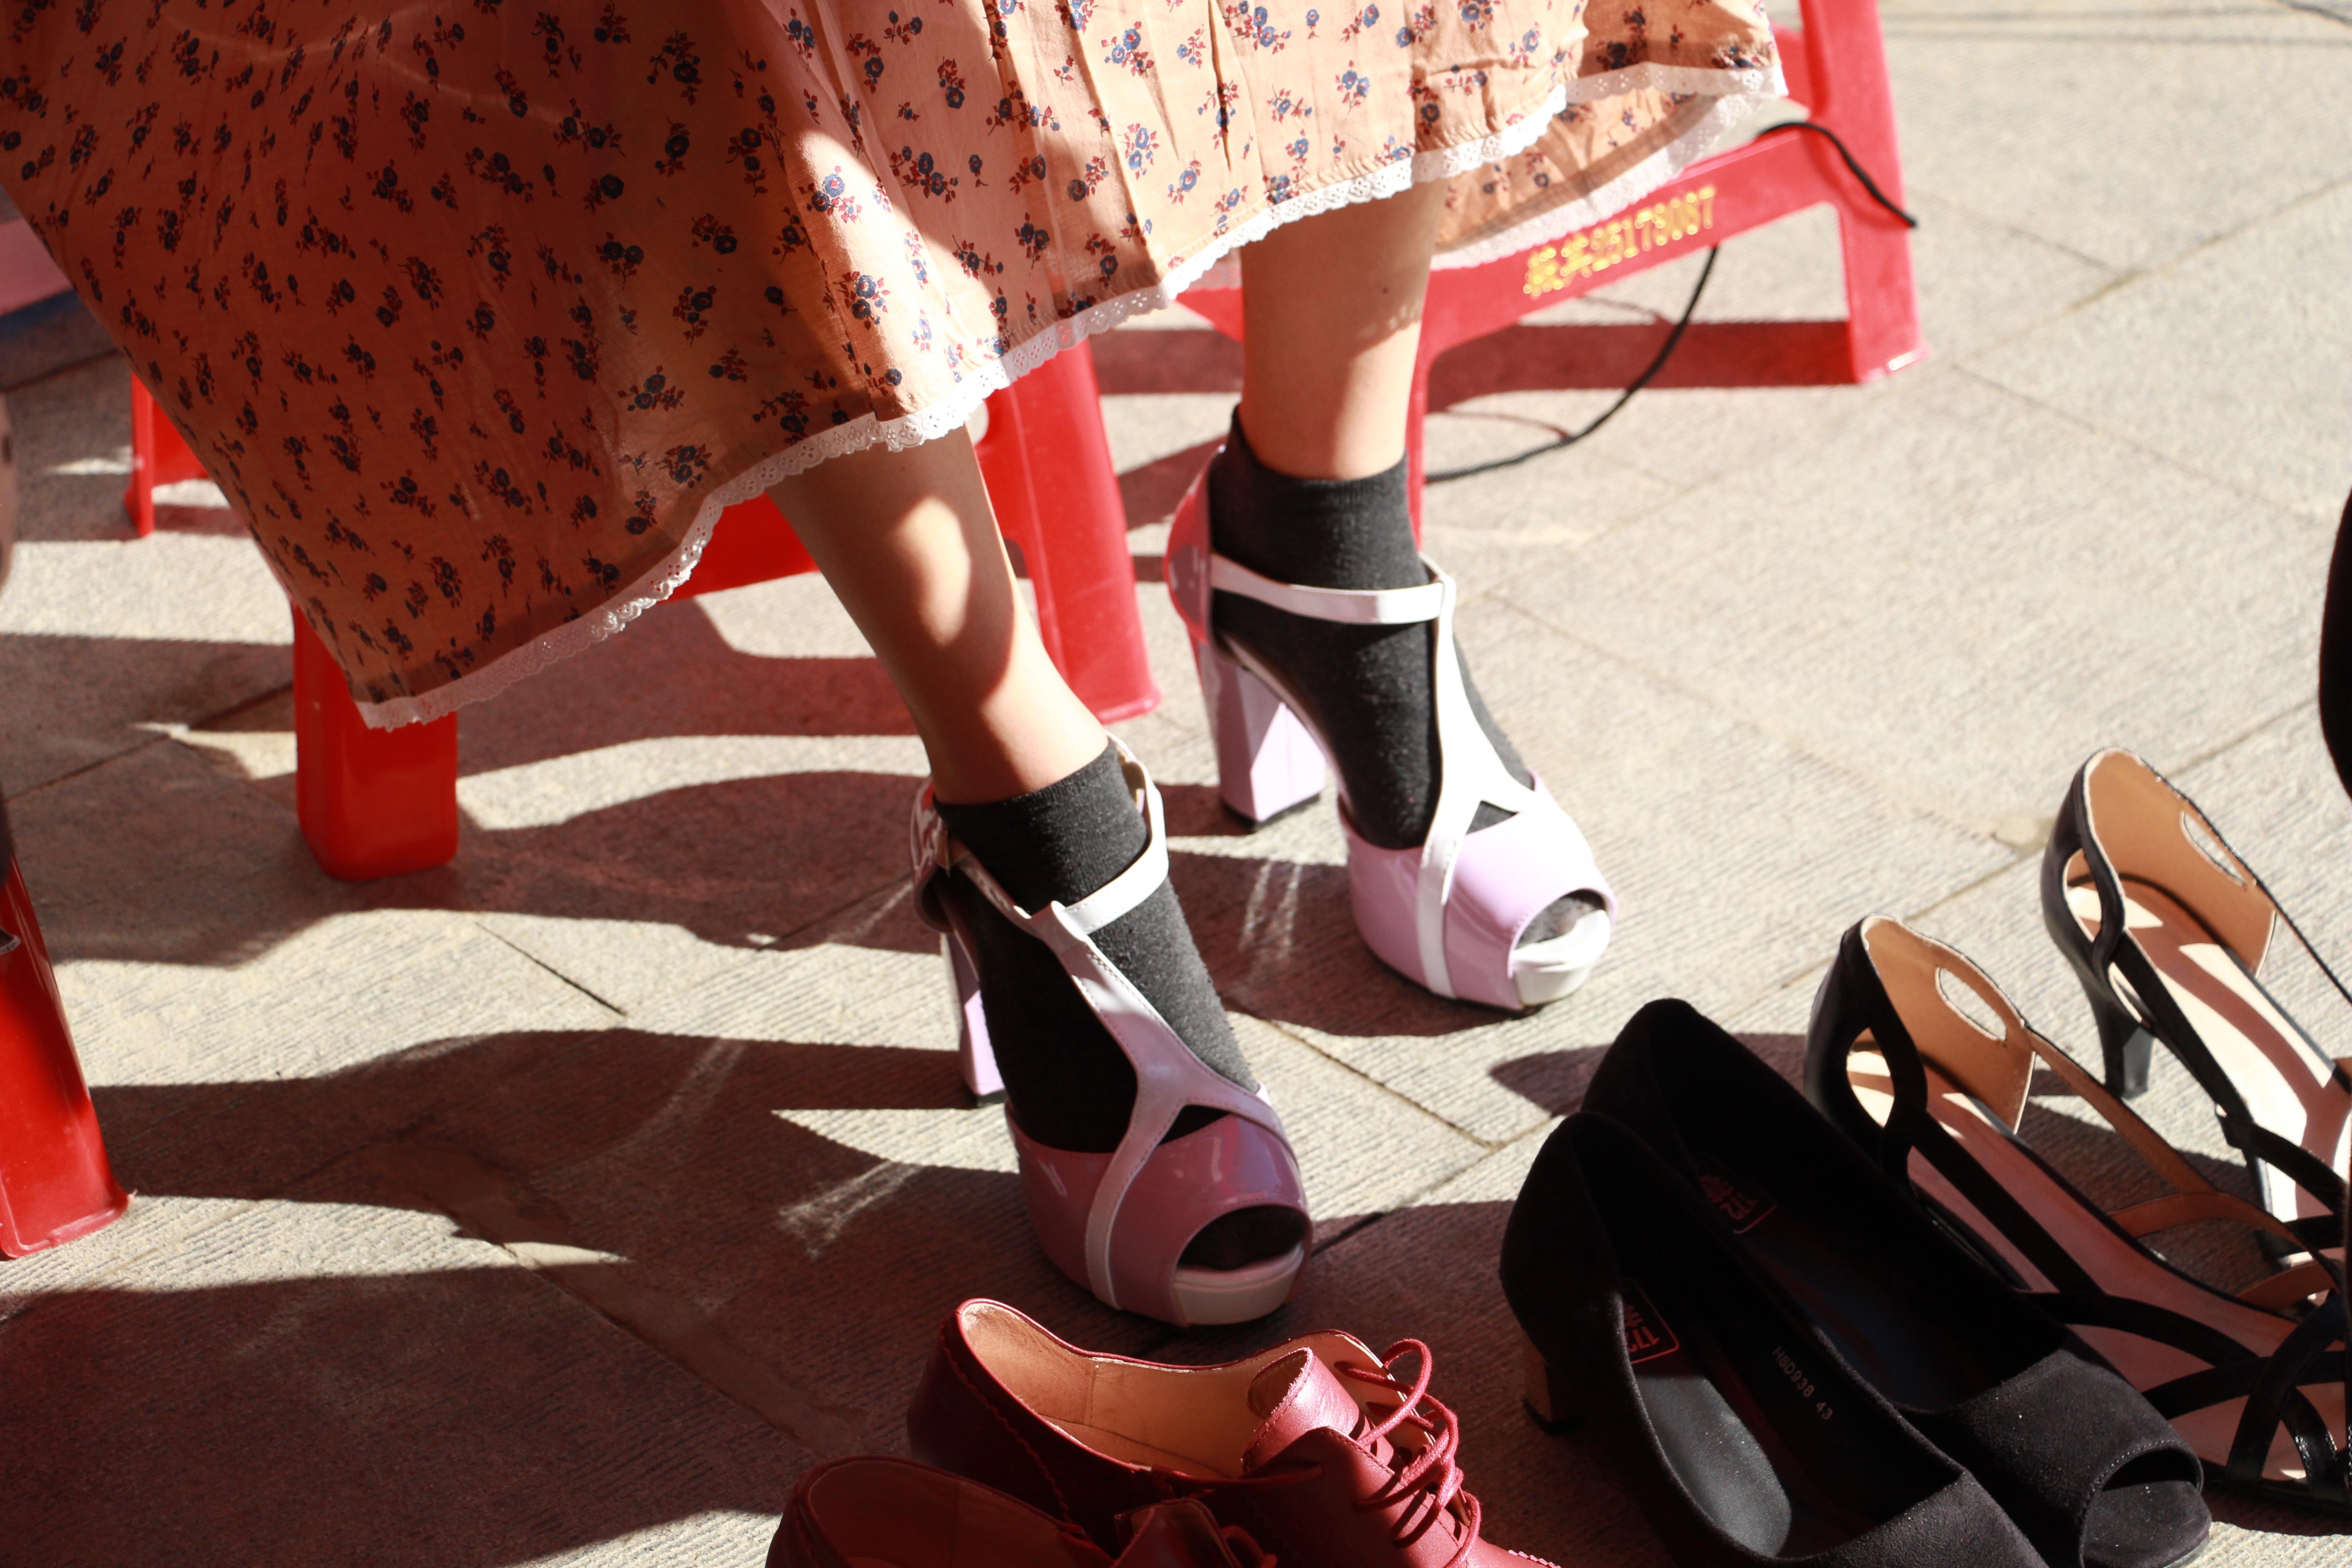 男性體驗穿高跟鞋的辛苦。攝影/郝一鳴